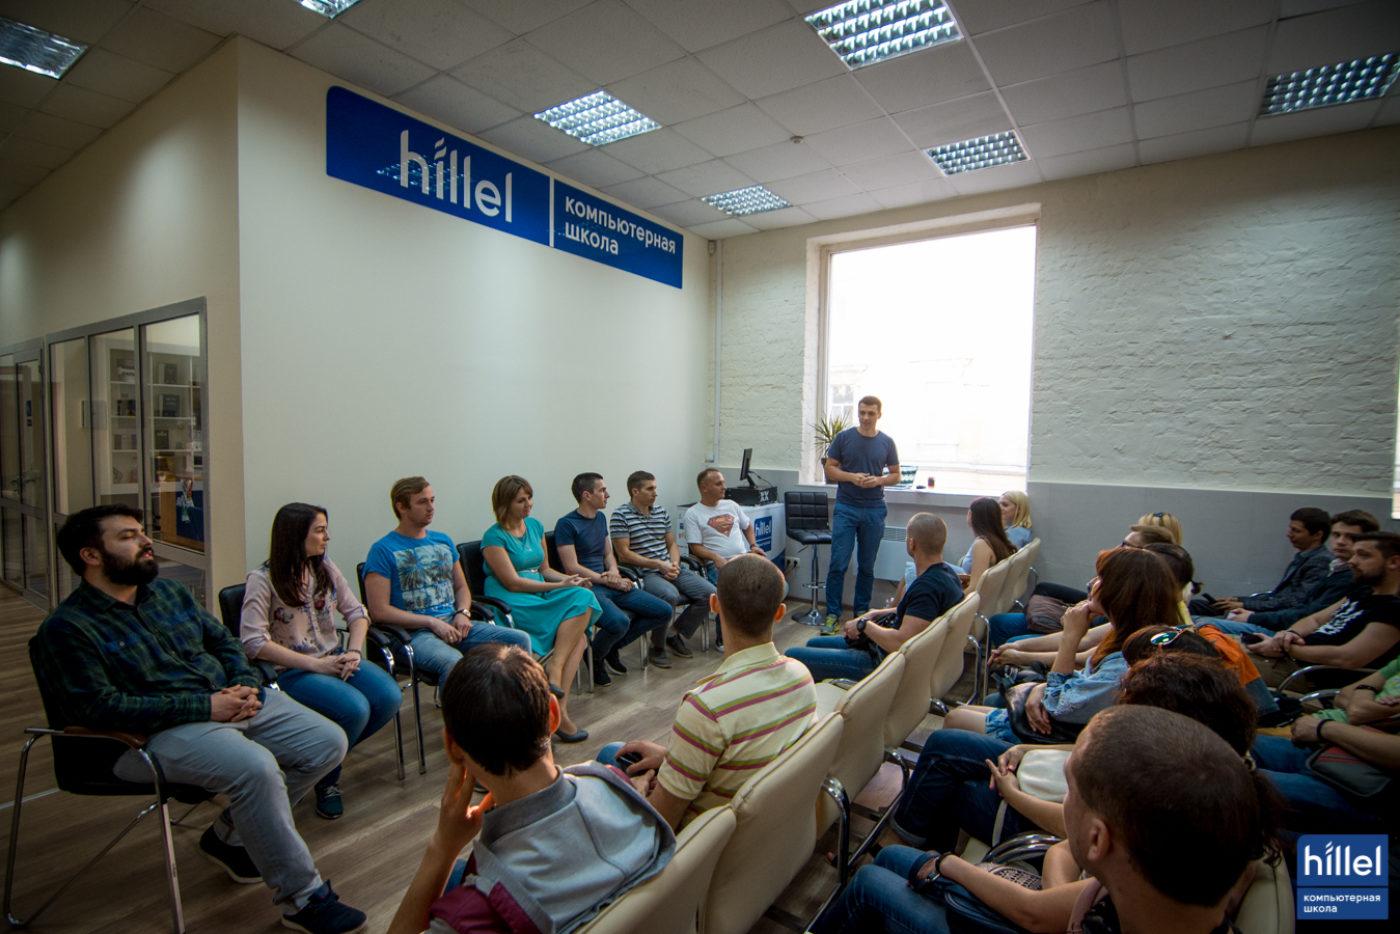 События: Встреча «Моя первая работа в IT. ver 3.0»